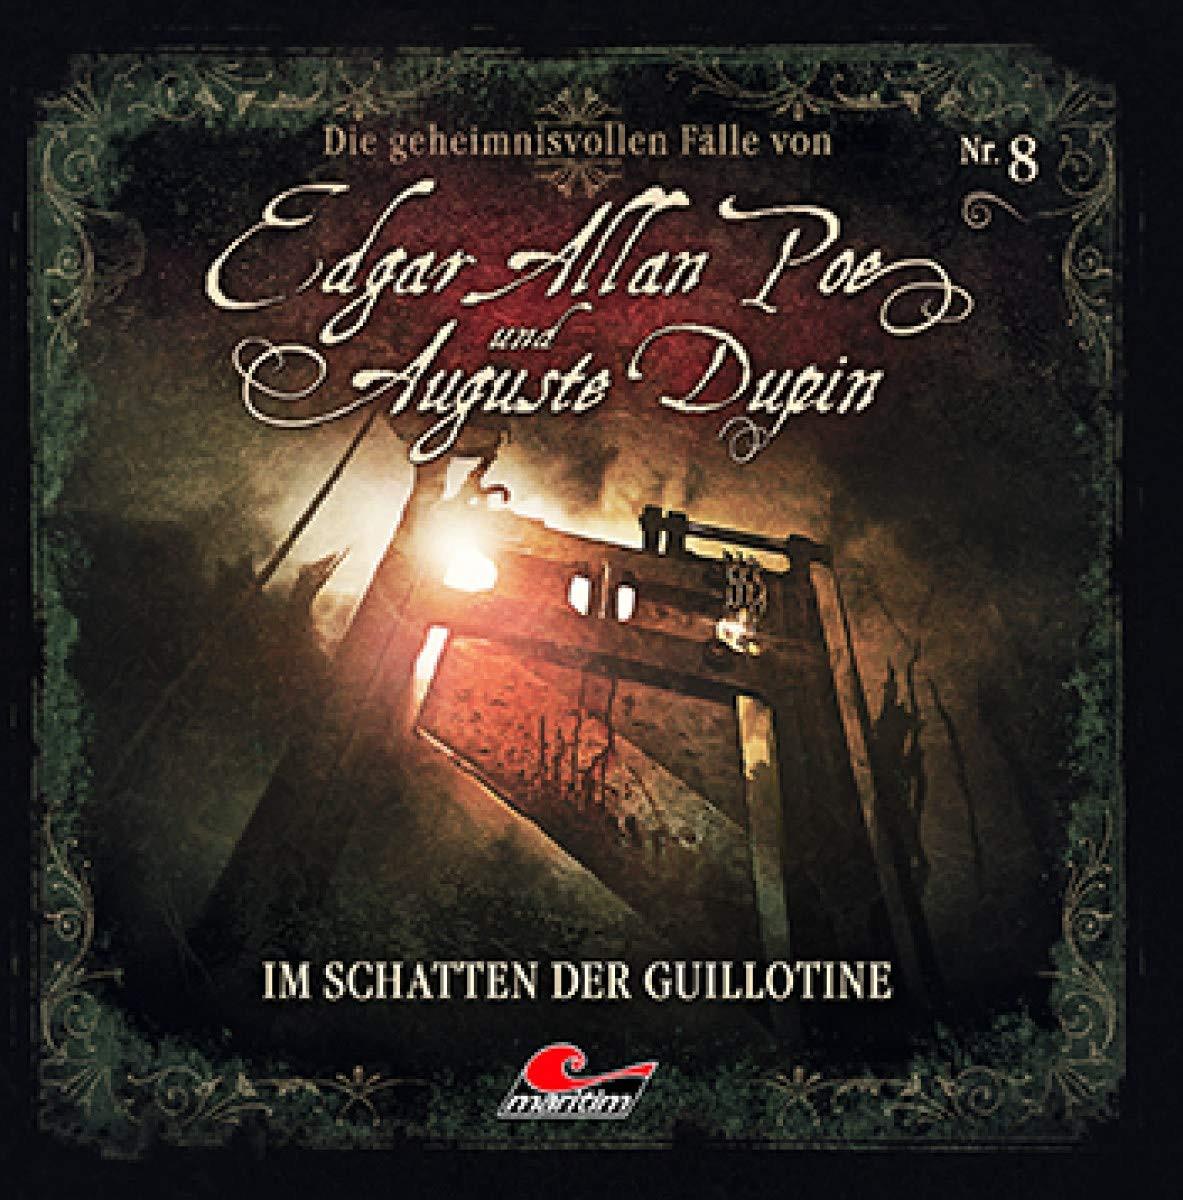 Die geheimnisvollen Fälle von Edgar Allan Poe und Auguste Dupin - Folge 8: Im Schatten der Guillotine